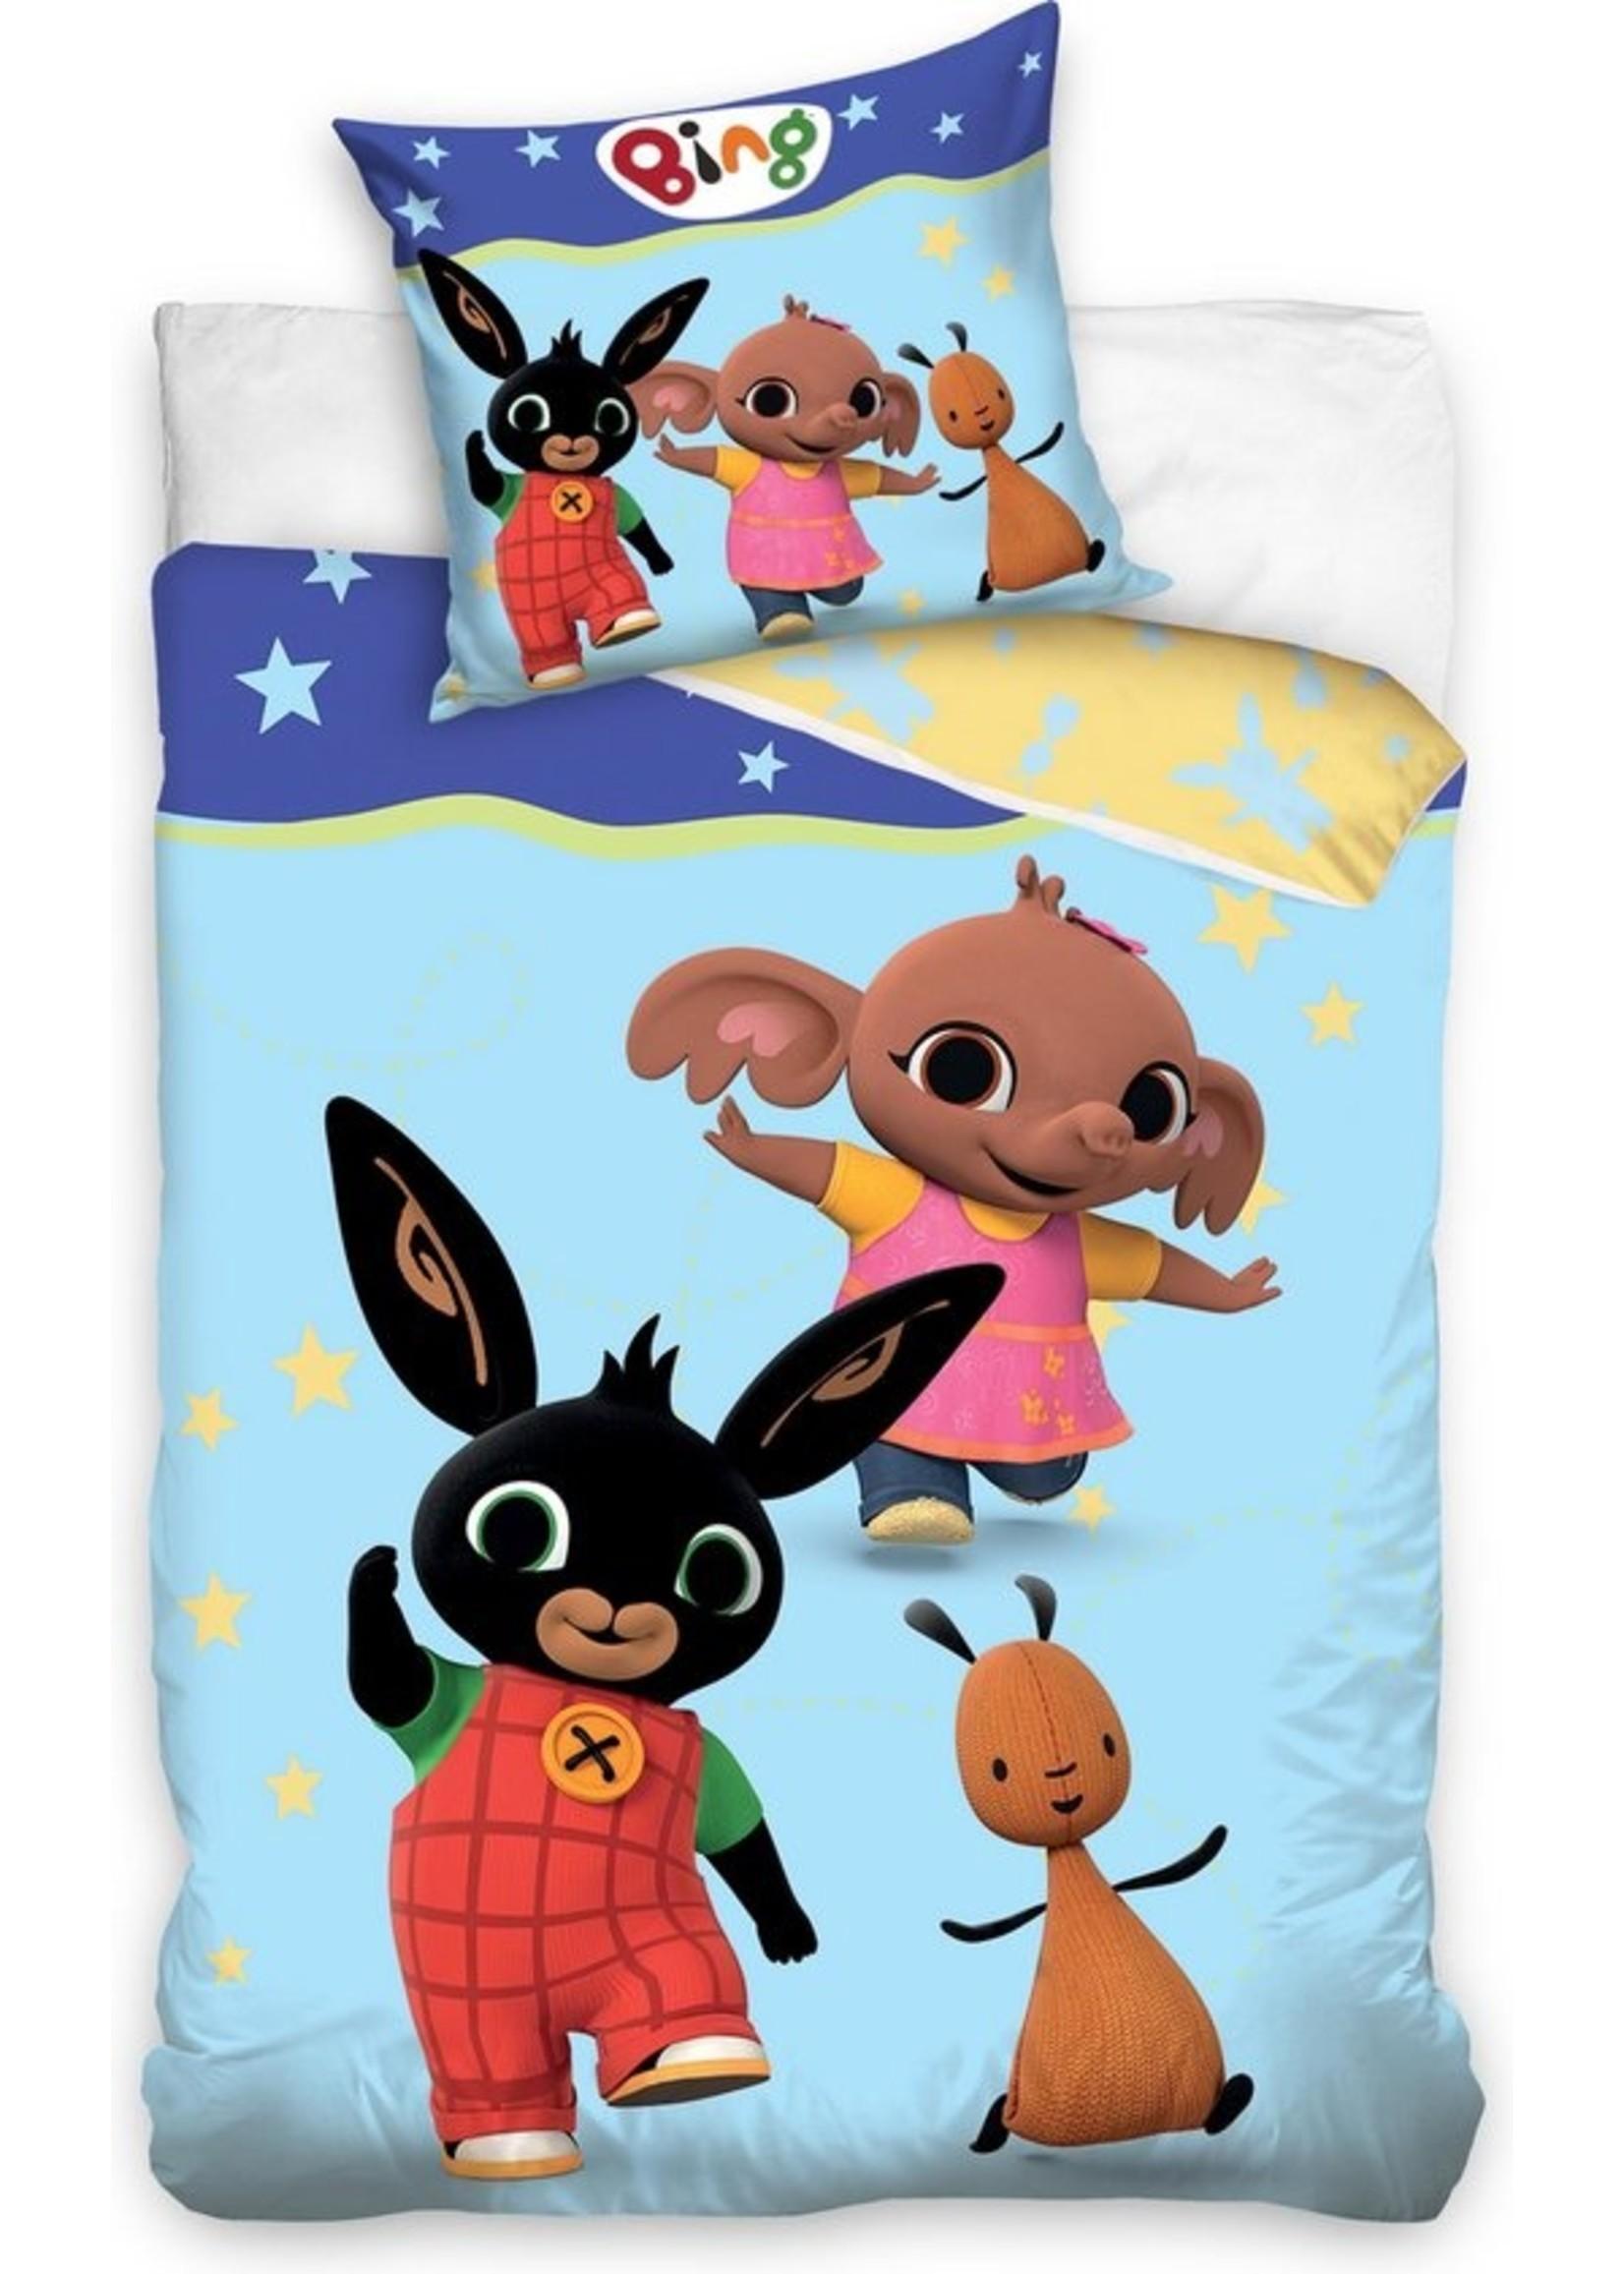 Bing Bunny Junior Dekbedovertrek Blauw -